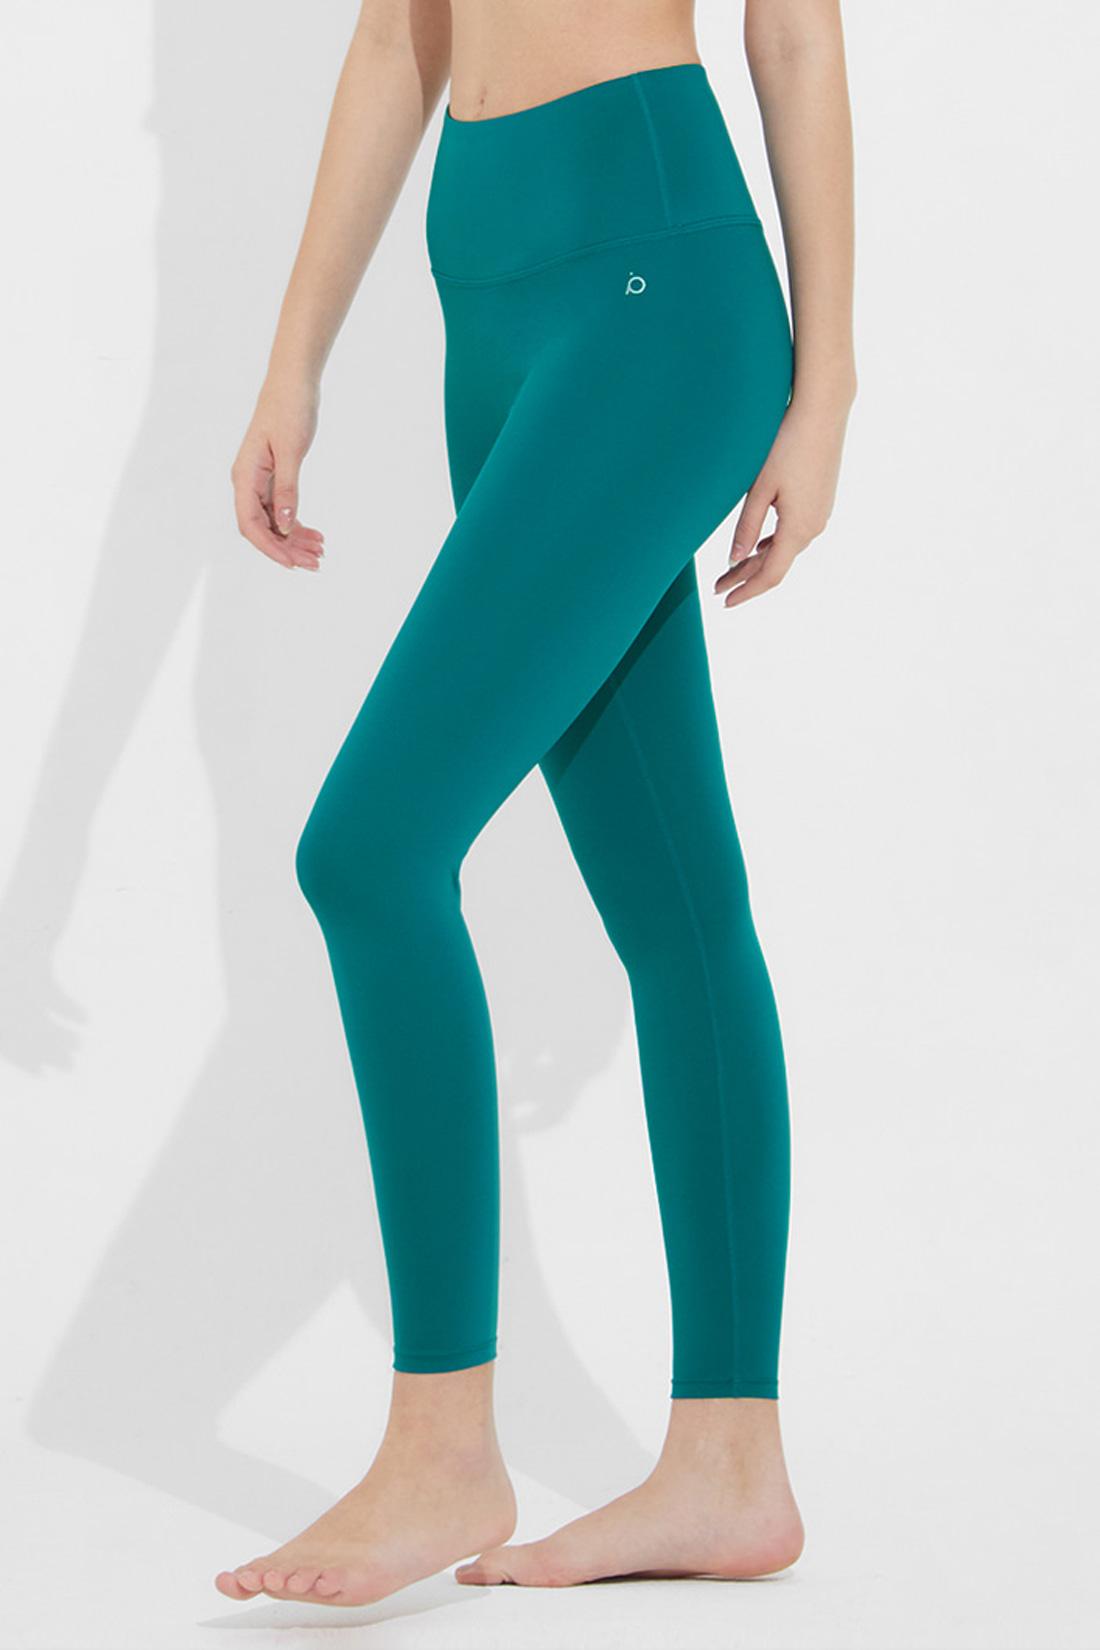 헥사66 에센셜 레깅스 블루그린 Blue green